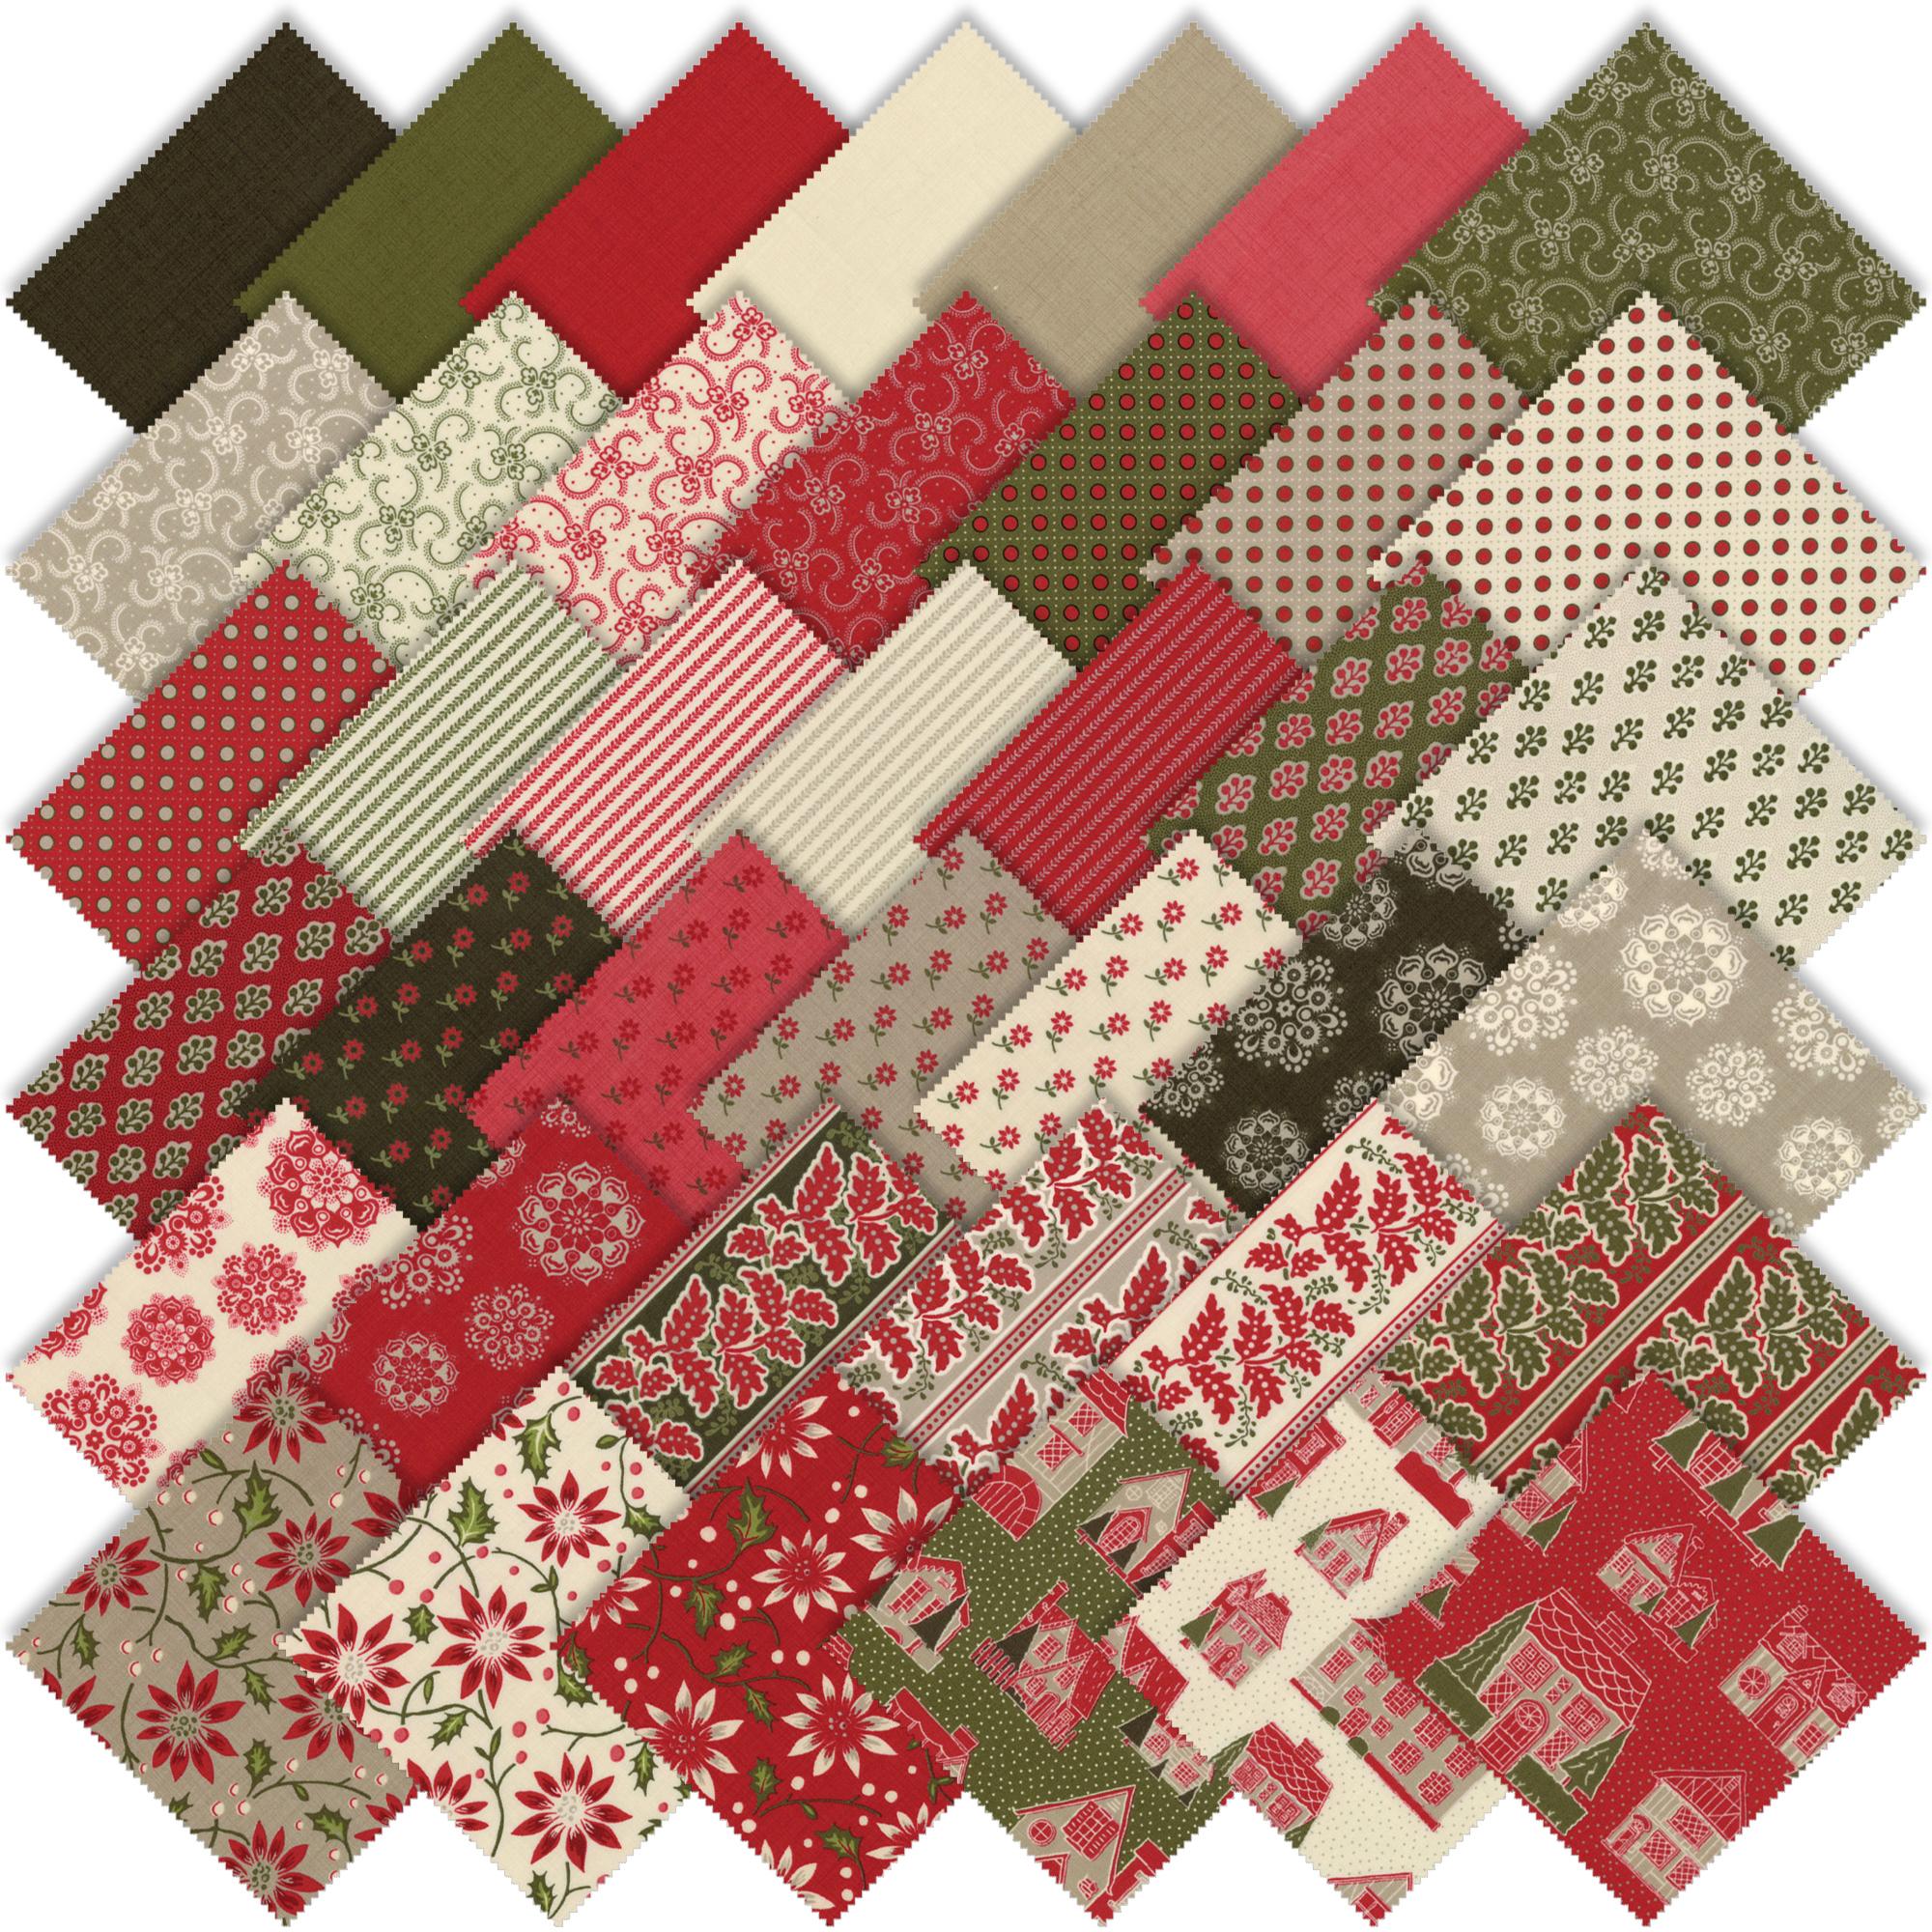 Moda petites maisons de noel fat quarter bundle by french general 13790ab emerald city fabrics - Petites images de noel ...